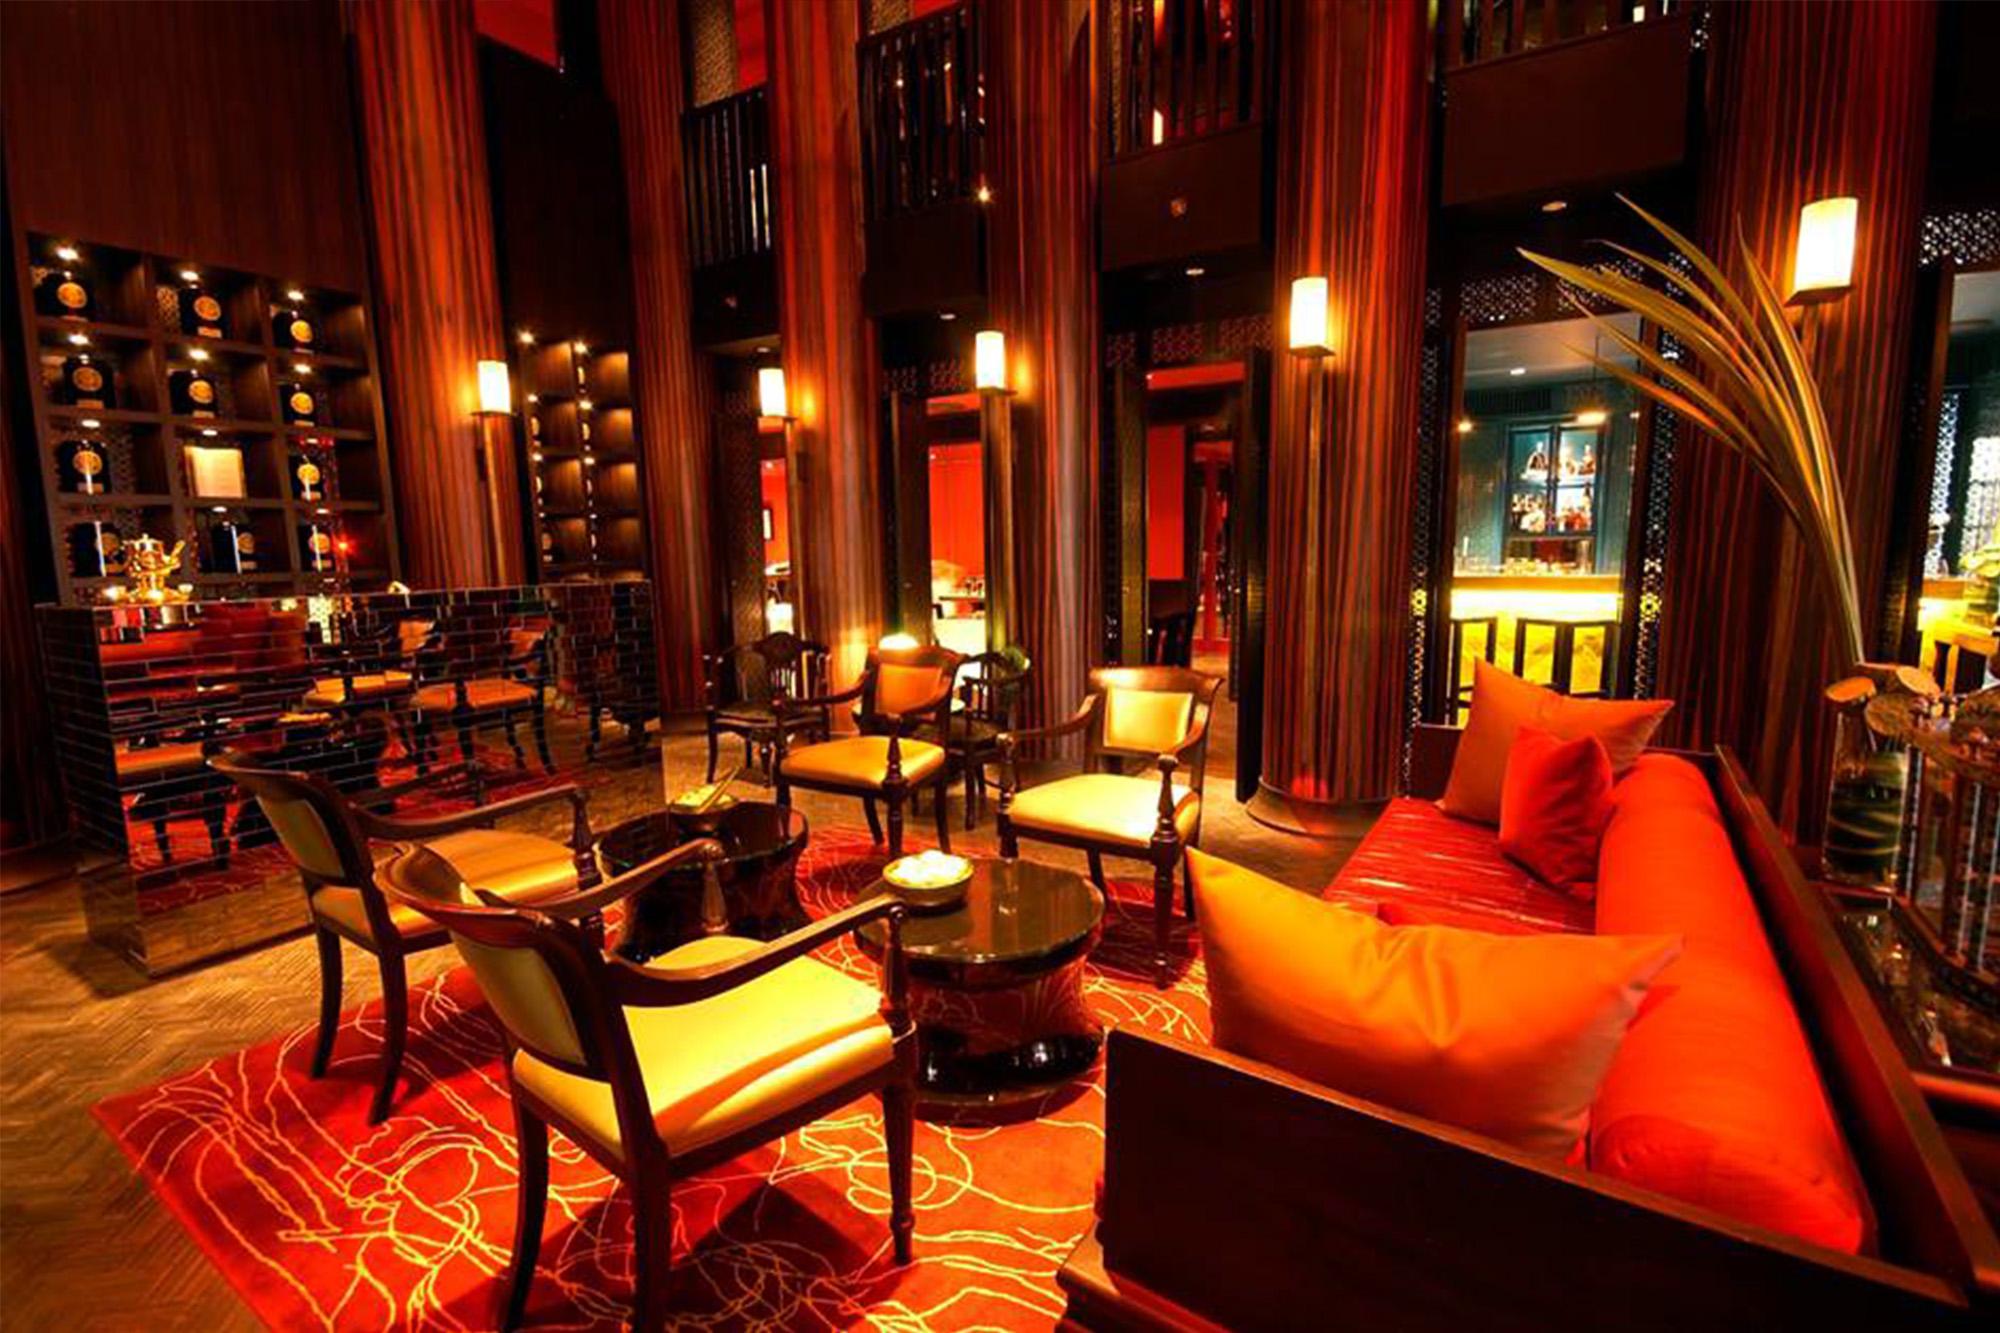 曼谷 廣式料理 曼谷 河岸餐廳 曼谷 文華東方 China House 曼谷 China House